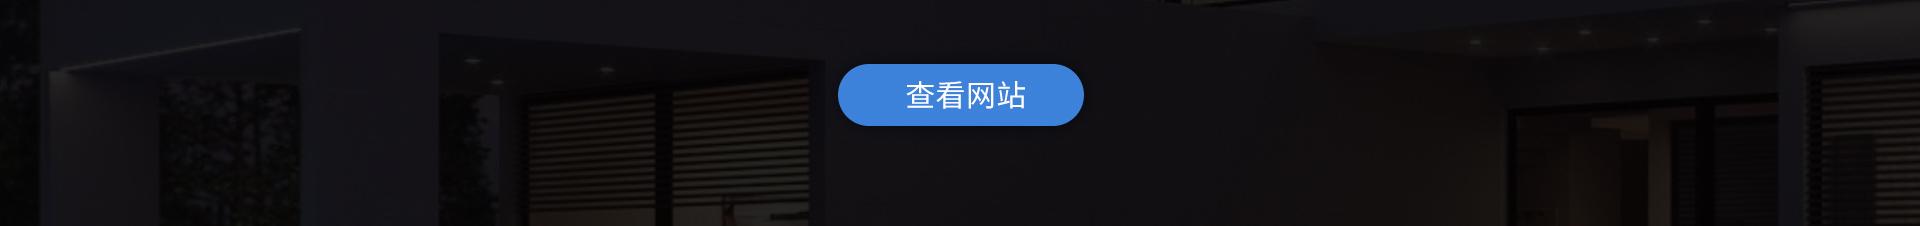 页面-陈璐璐-陈璐璐-杭州科强信息技术有限公司_02